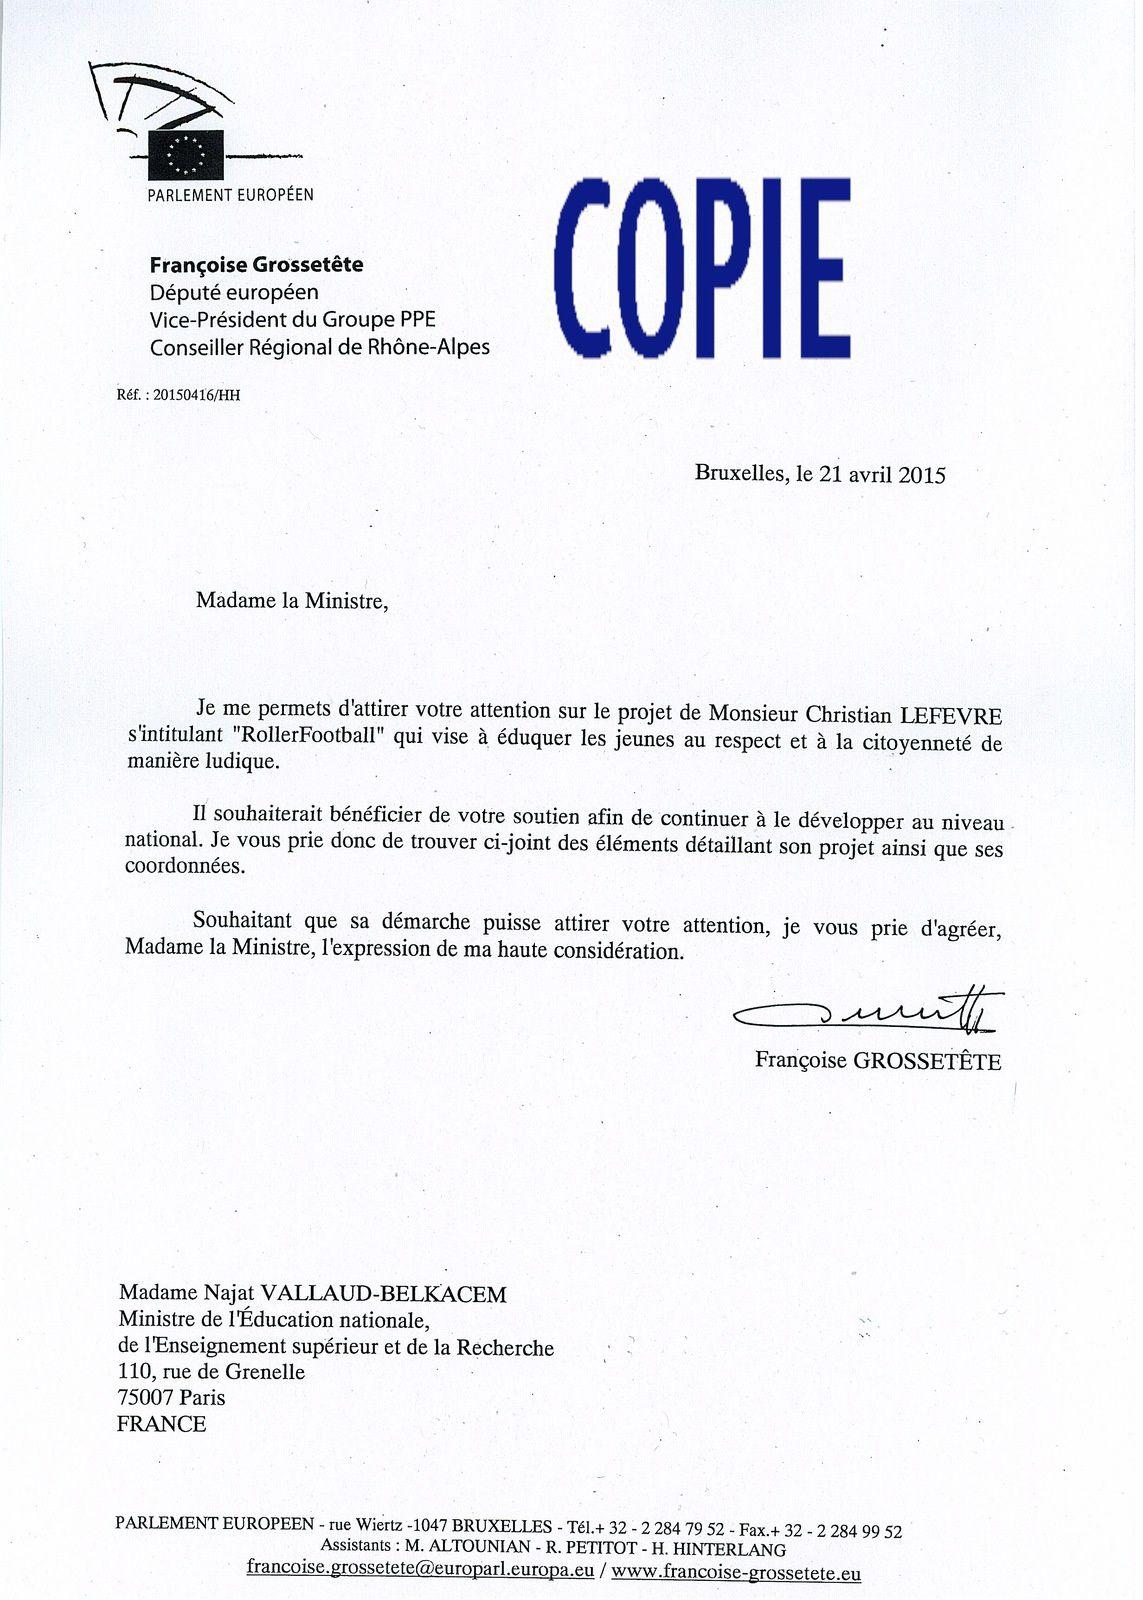 LETTRE DE LA VICE PRÉSIDENTE DU PARLEMENT EUROPÉEN